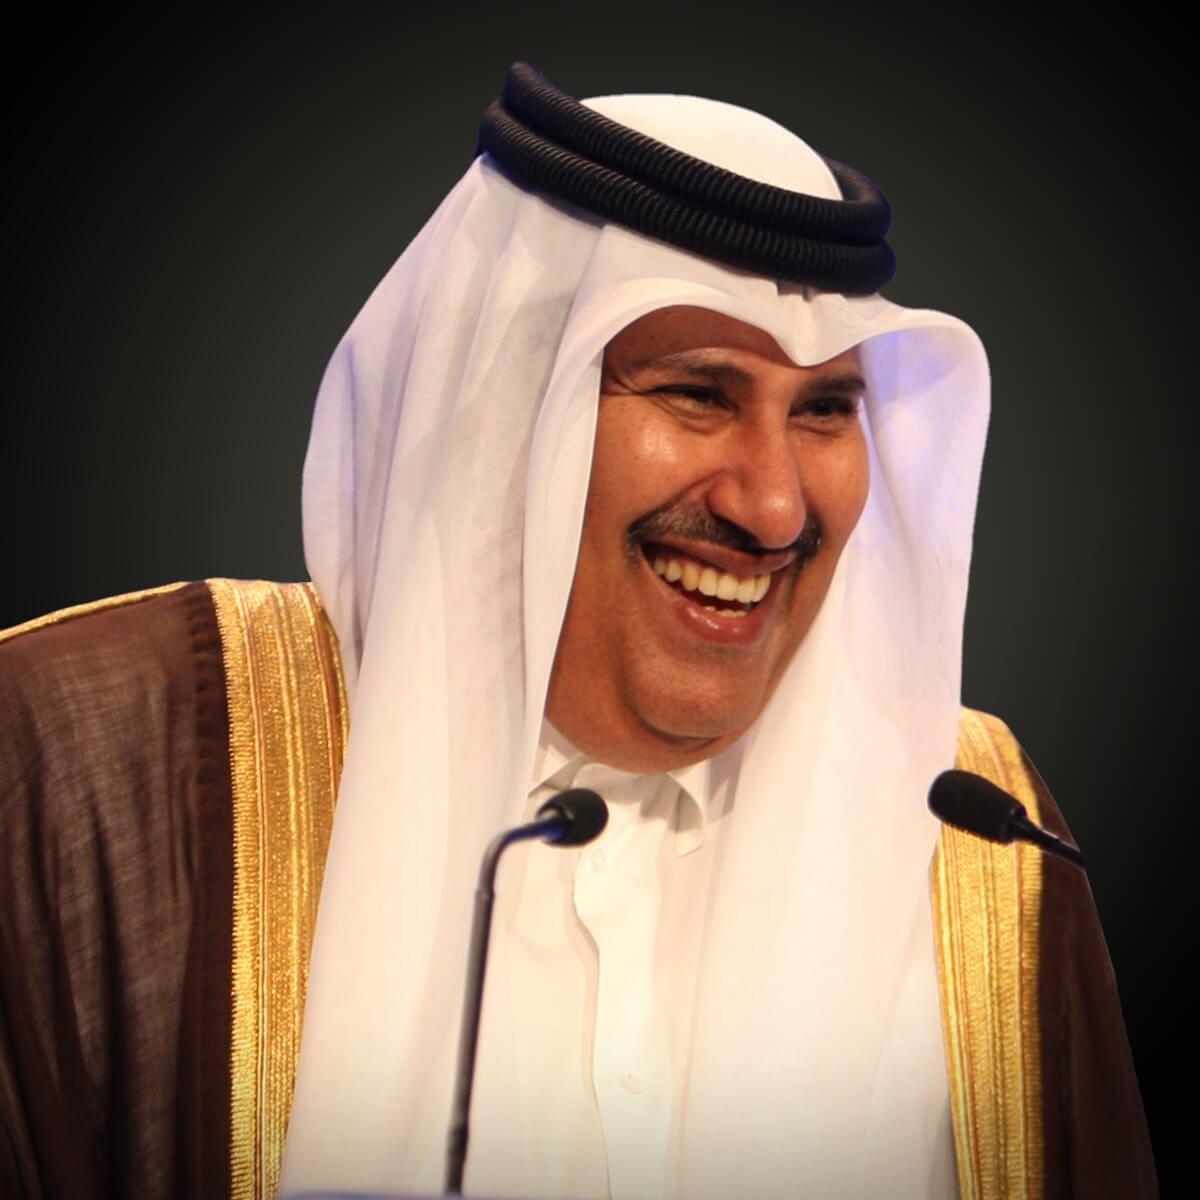 hamad-bin-jassim-al-thani